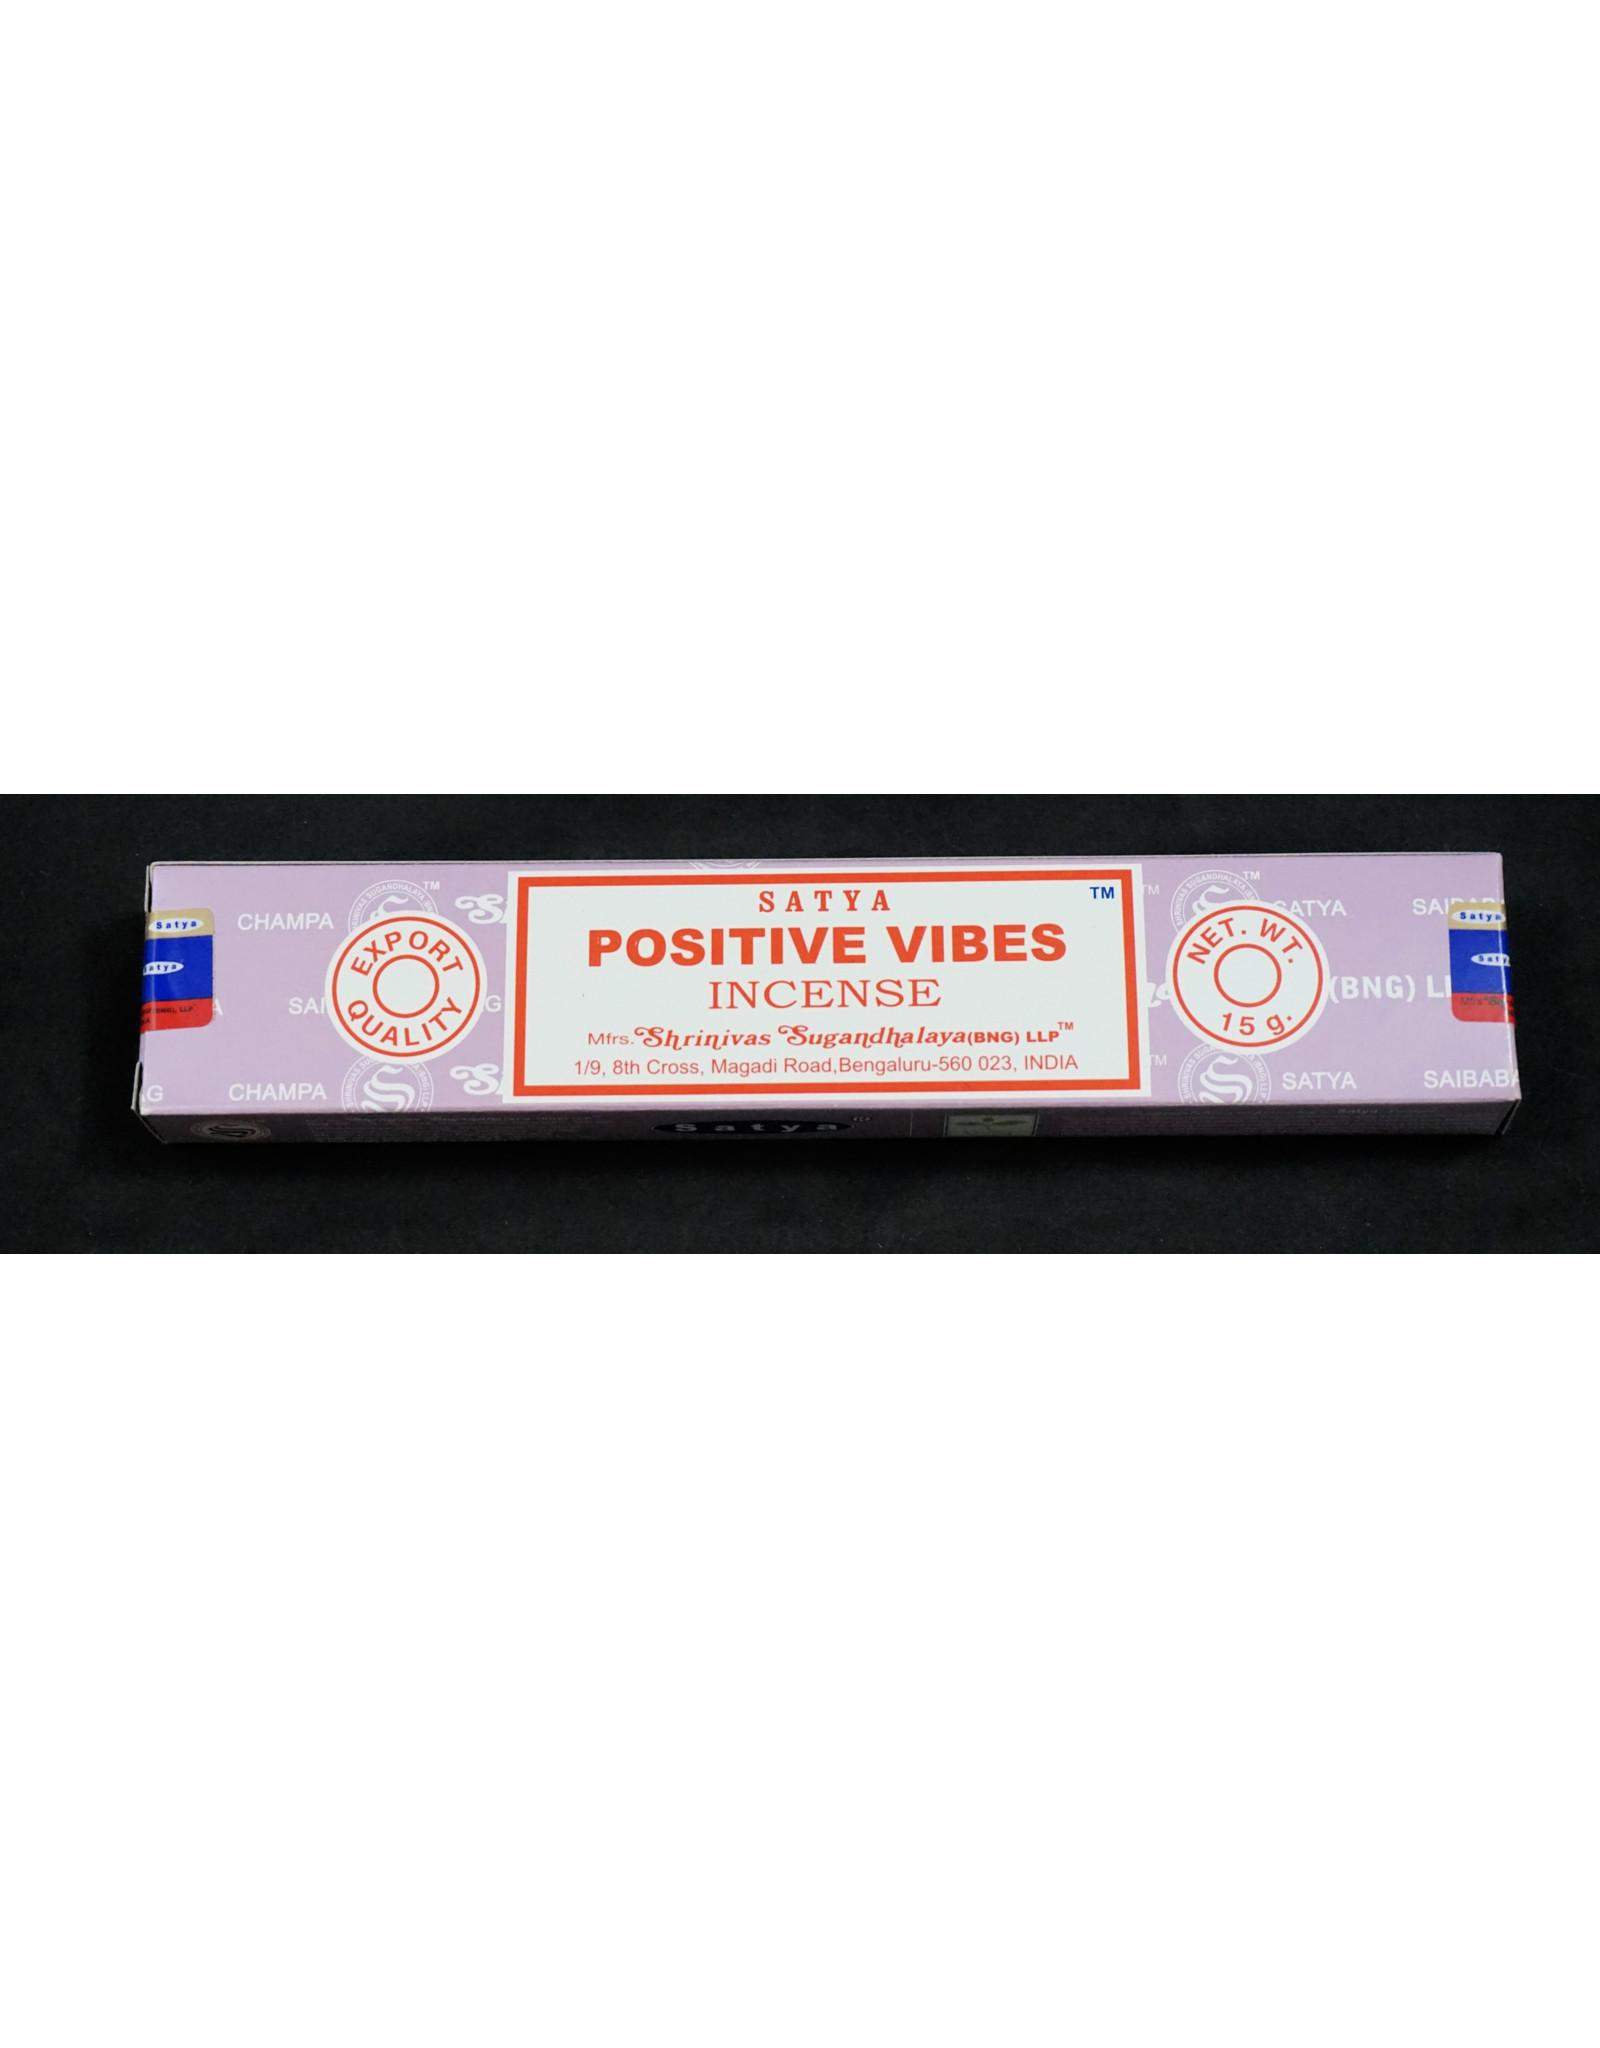 Satya Satya Incense 15g Positive Vibes